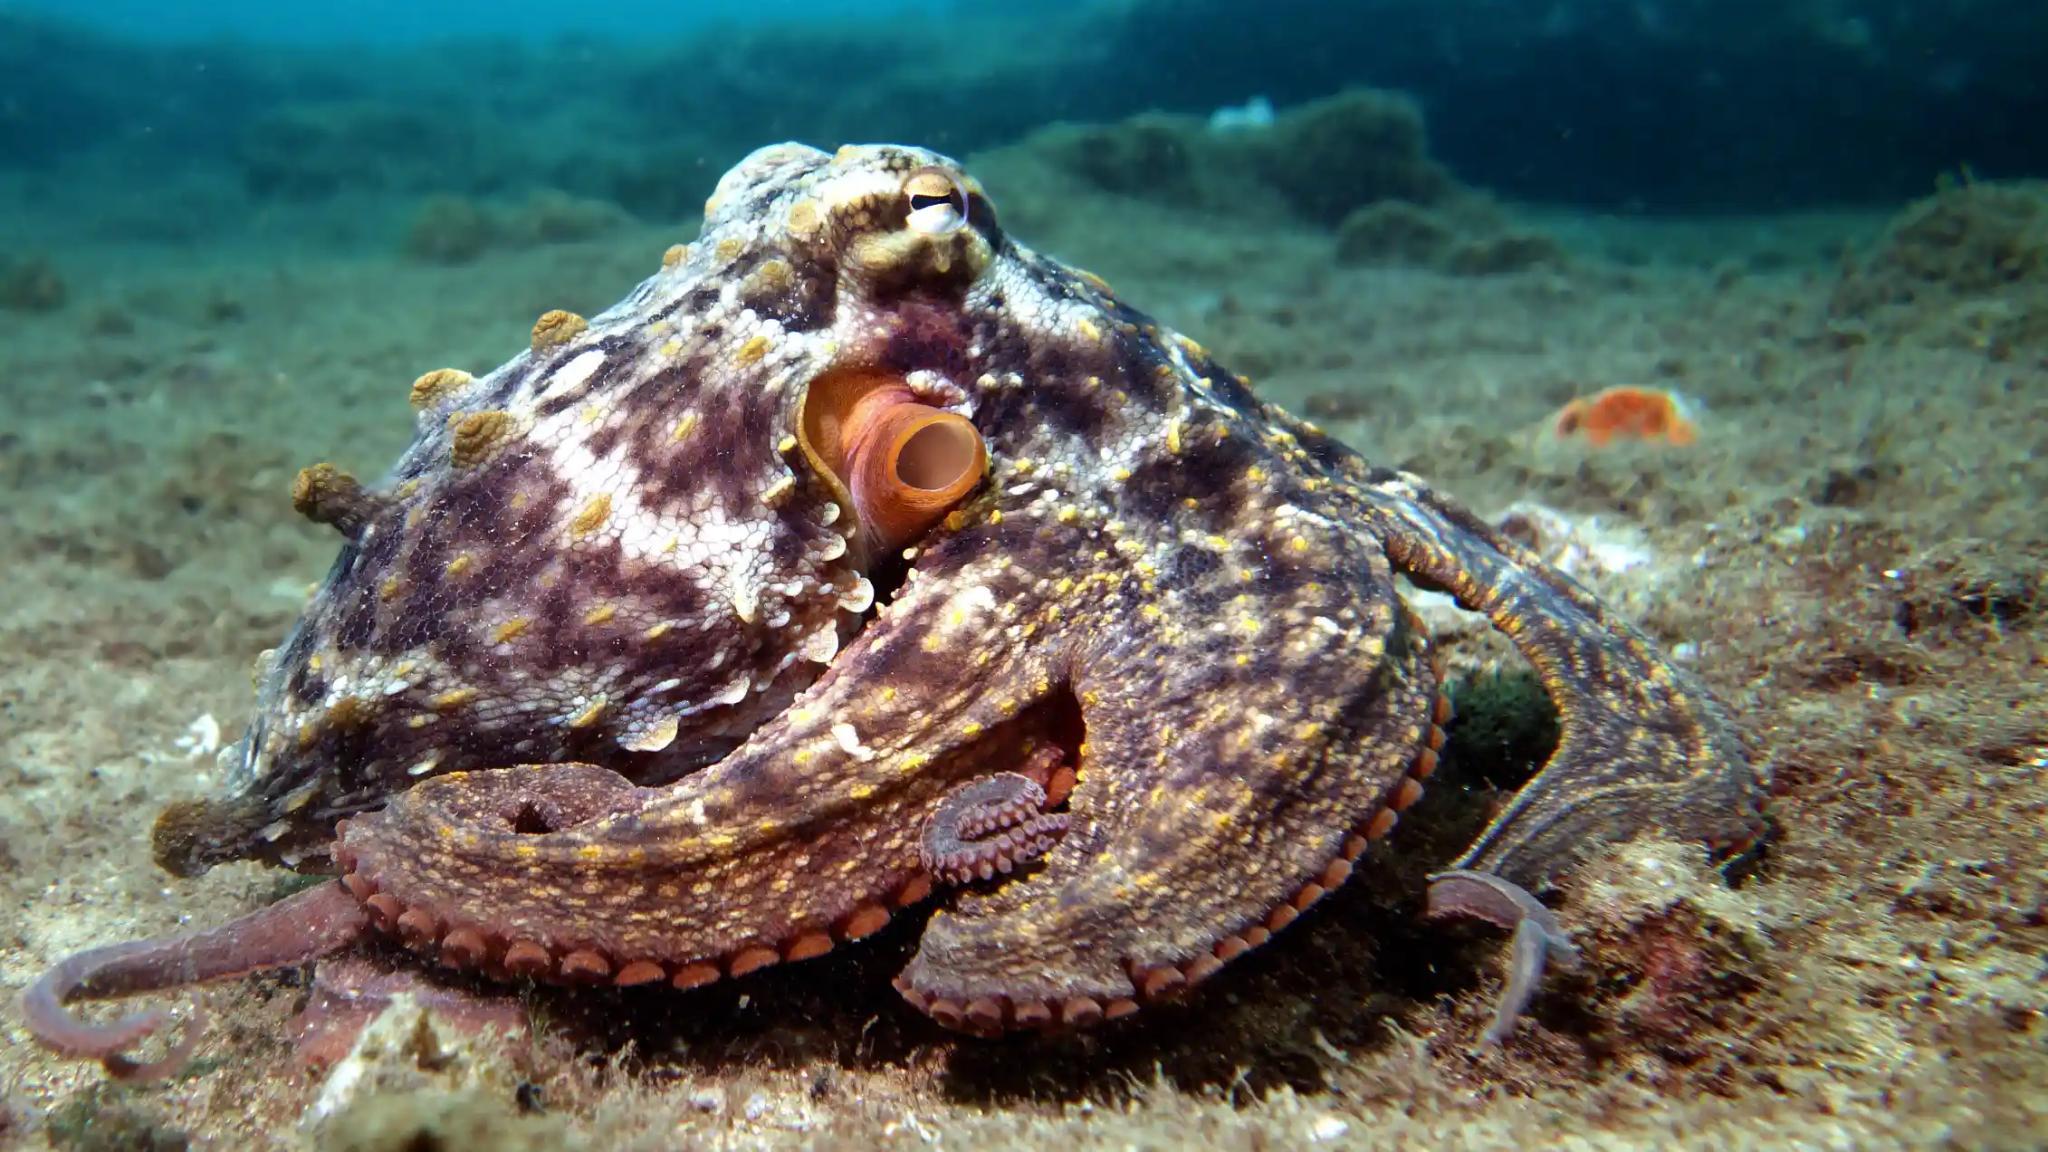 Биологи заметили, что осьминоги могут бросаться друг в друга ракушками